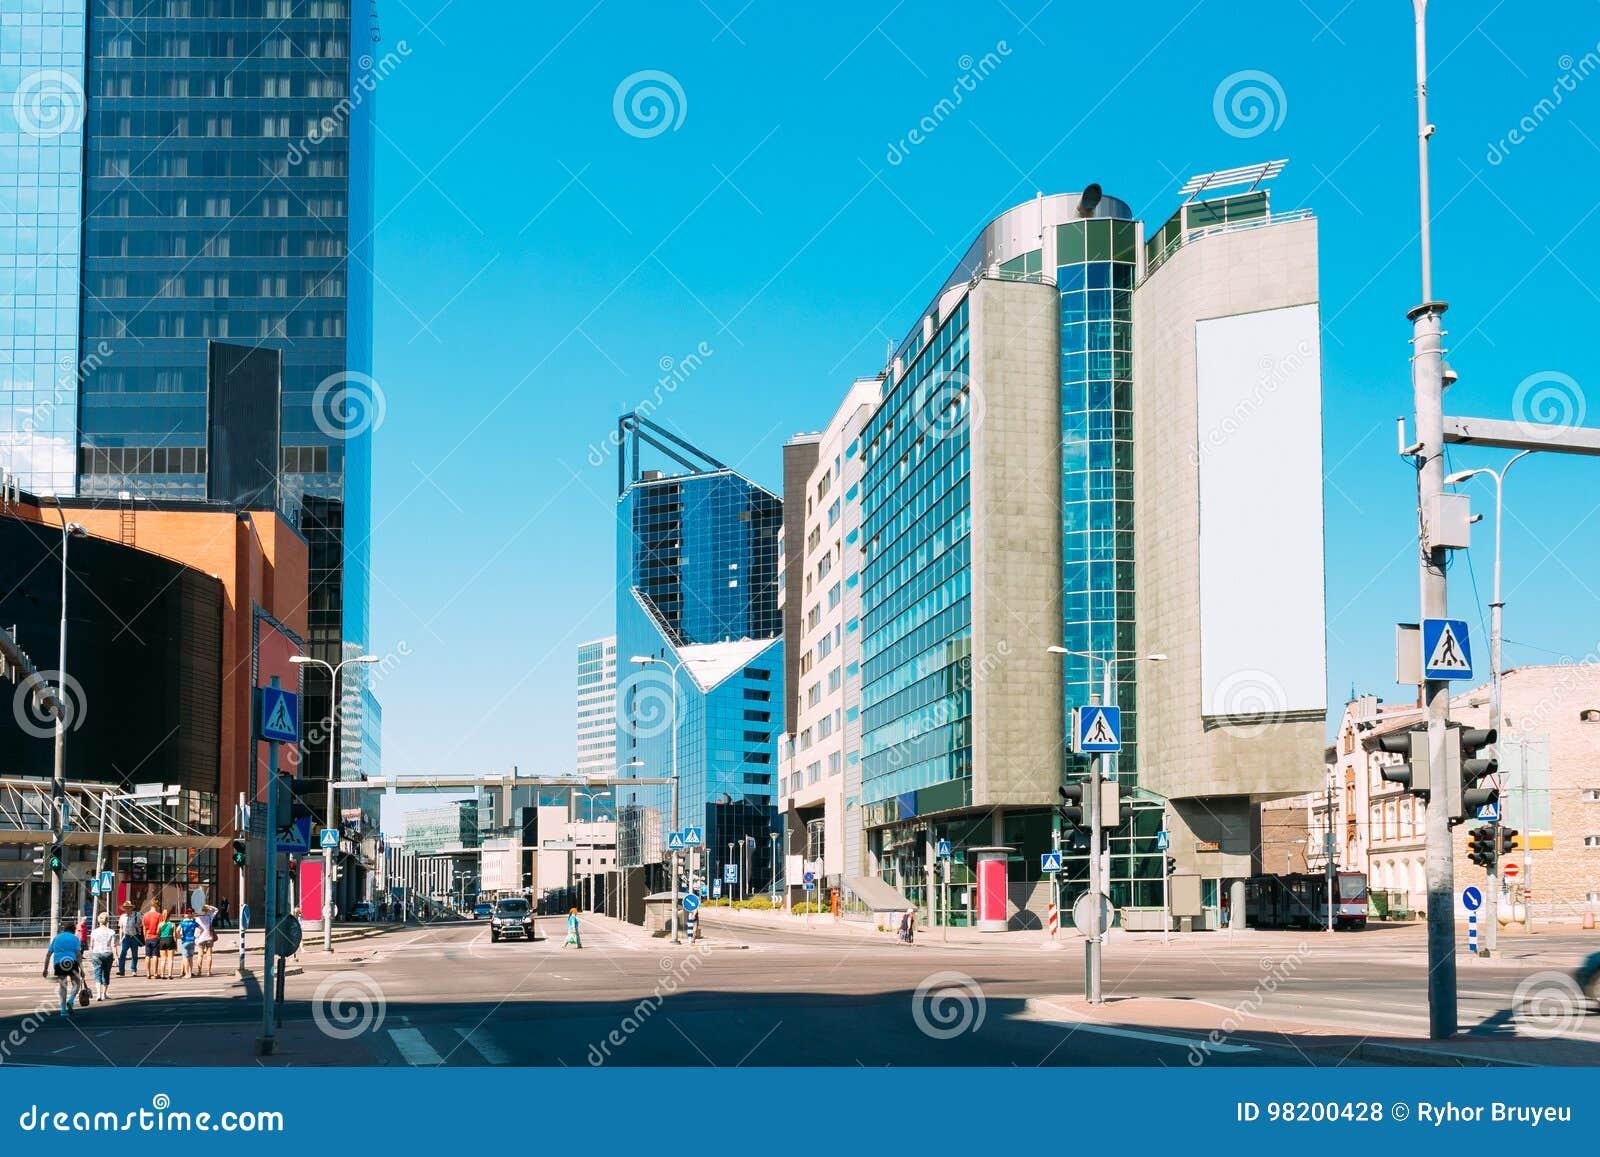 Download эстония Tallinn Современная архитектура в эстонской столице Небоскреб делового центра на Таллине - Tartu - Vyru - Редакционное Стоковое Фото - изображение насчитывающей bluets, покупка: 98200428